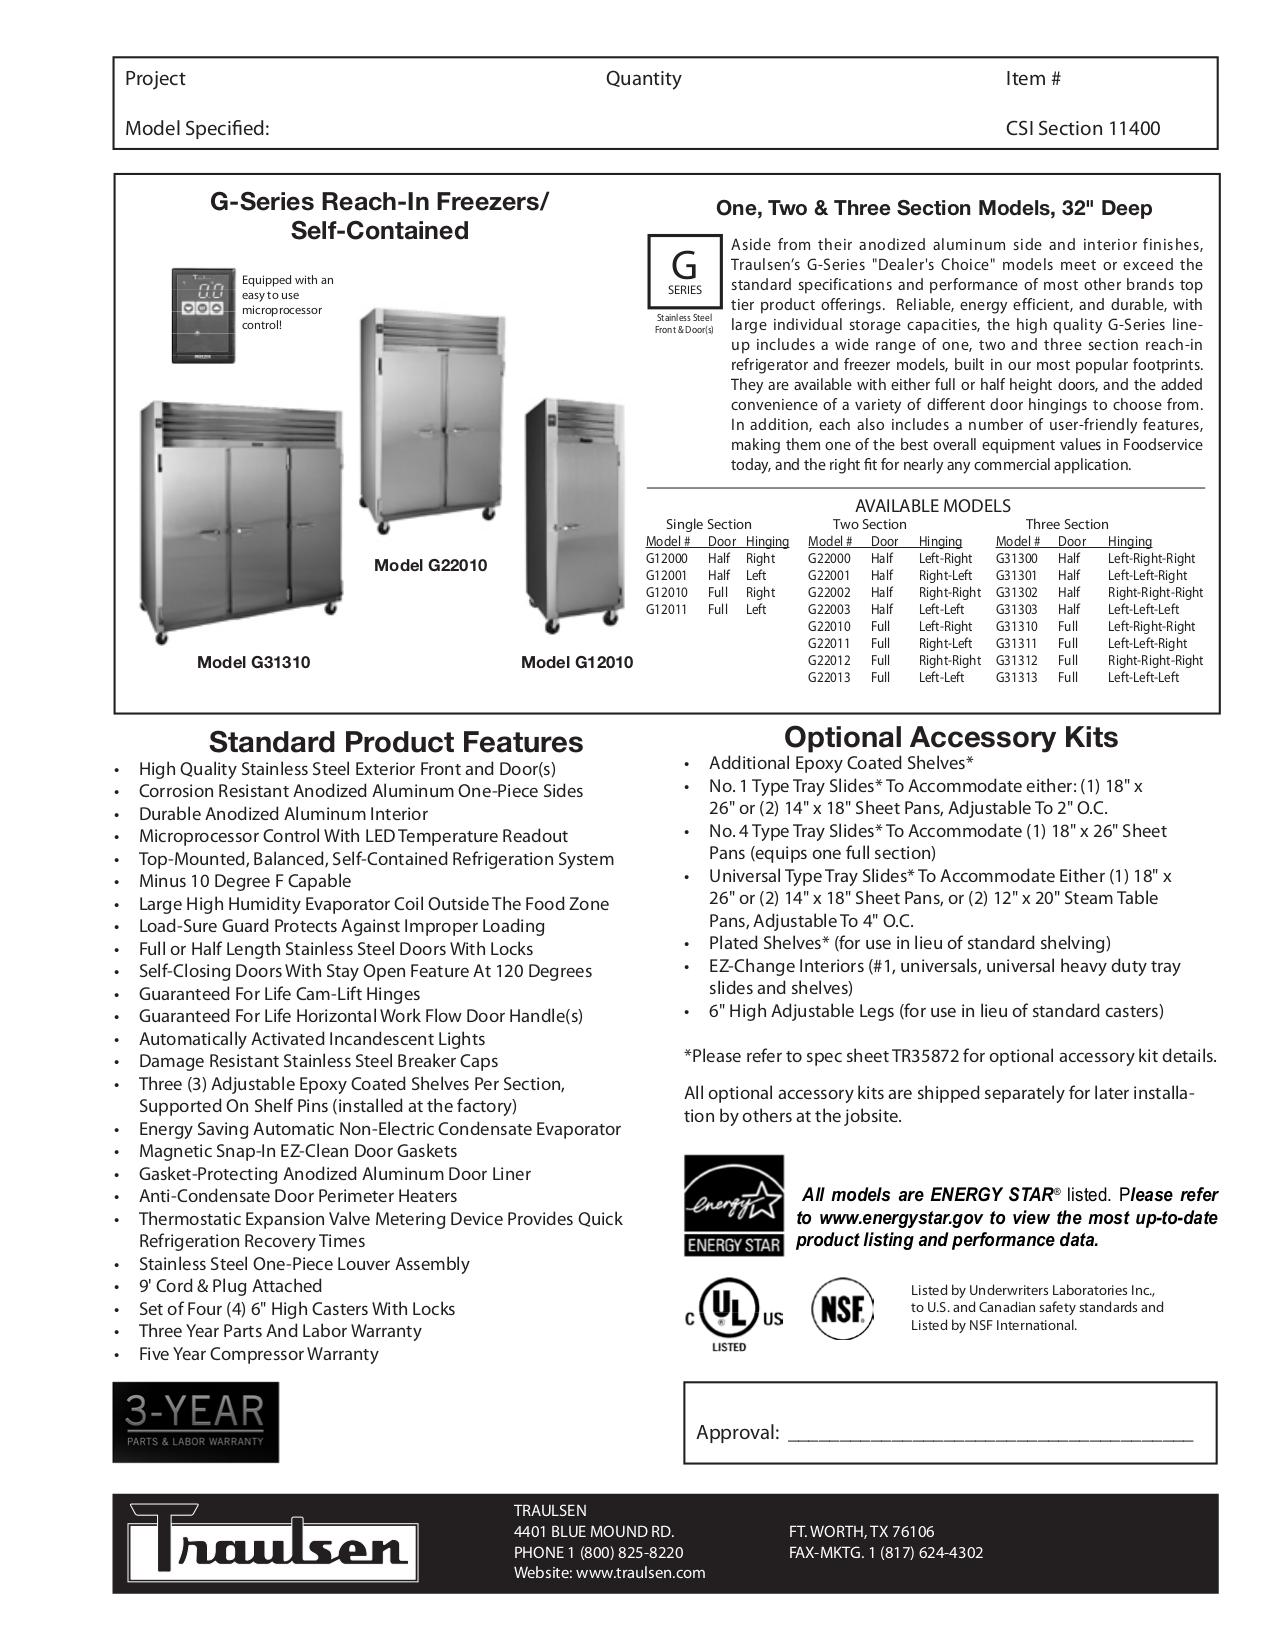 Surprising Traulsen Freezer Wiring Diagram Basic Electronics Wiring Diagram Wiring 101 Capemaxxcnl